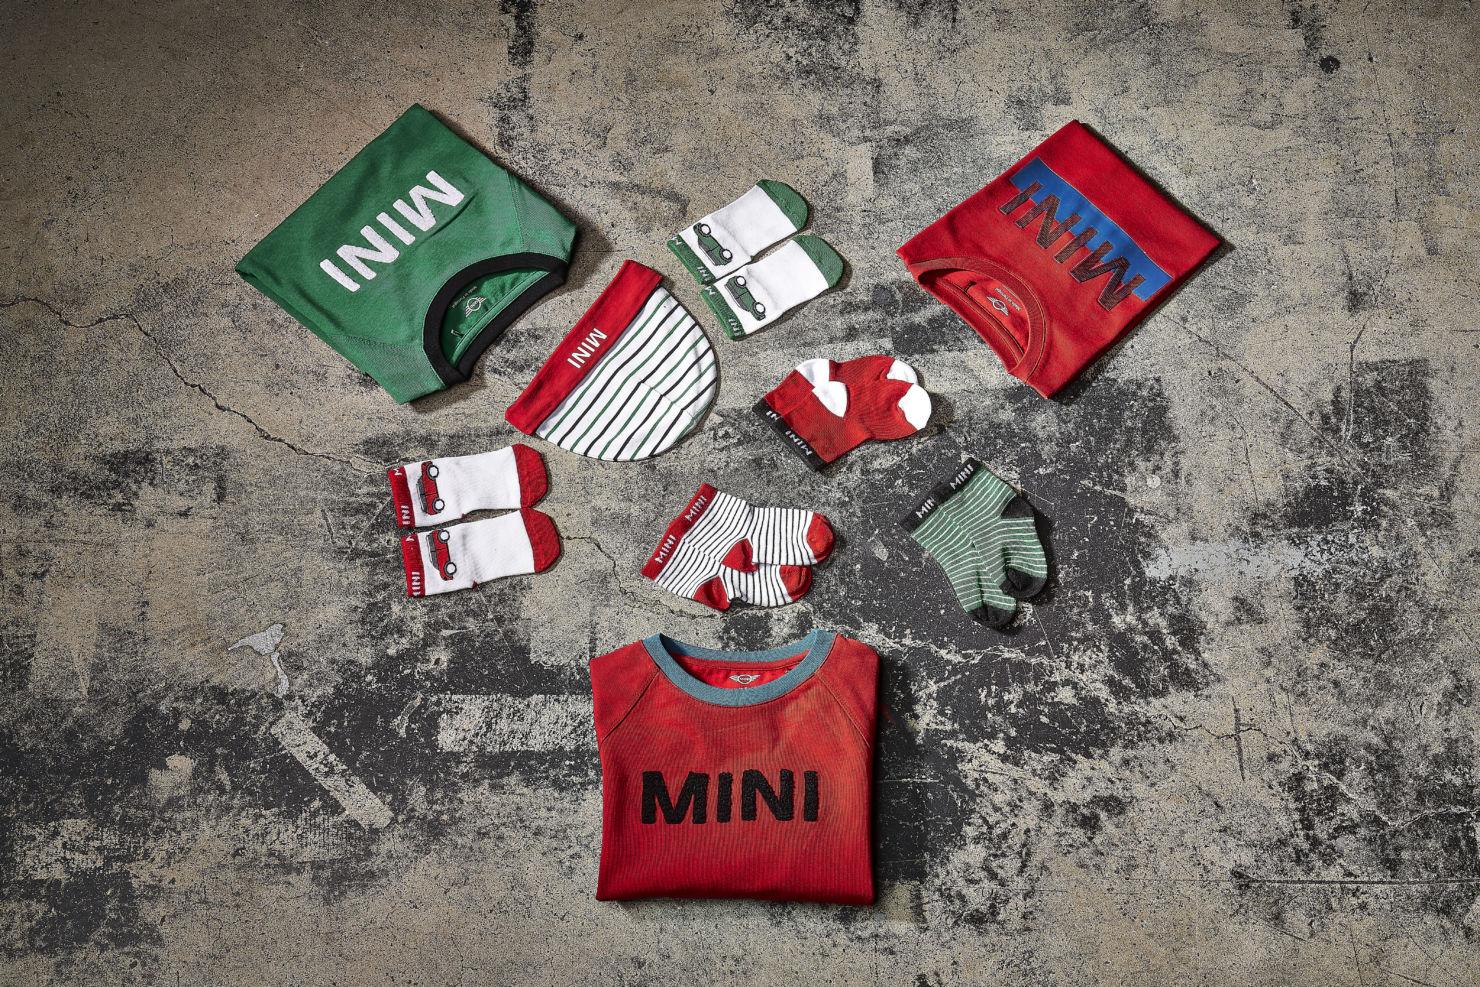 MINI Lifestyle 2020: la colección sustentable llega a México - p90390297-highres